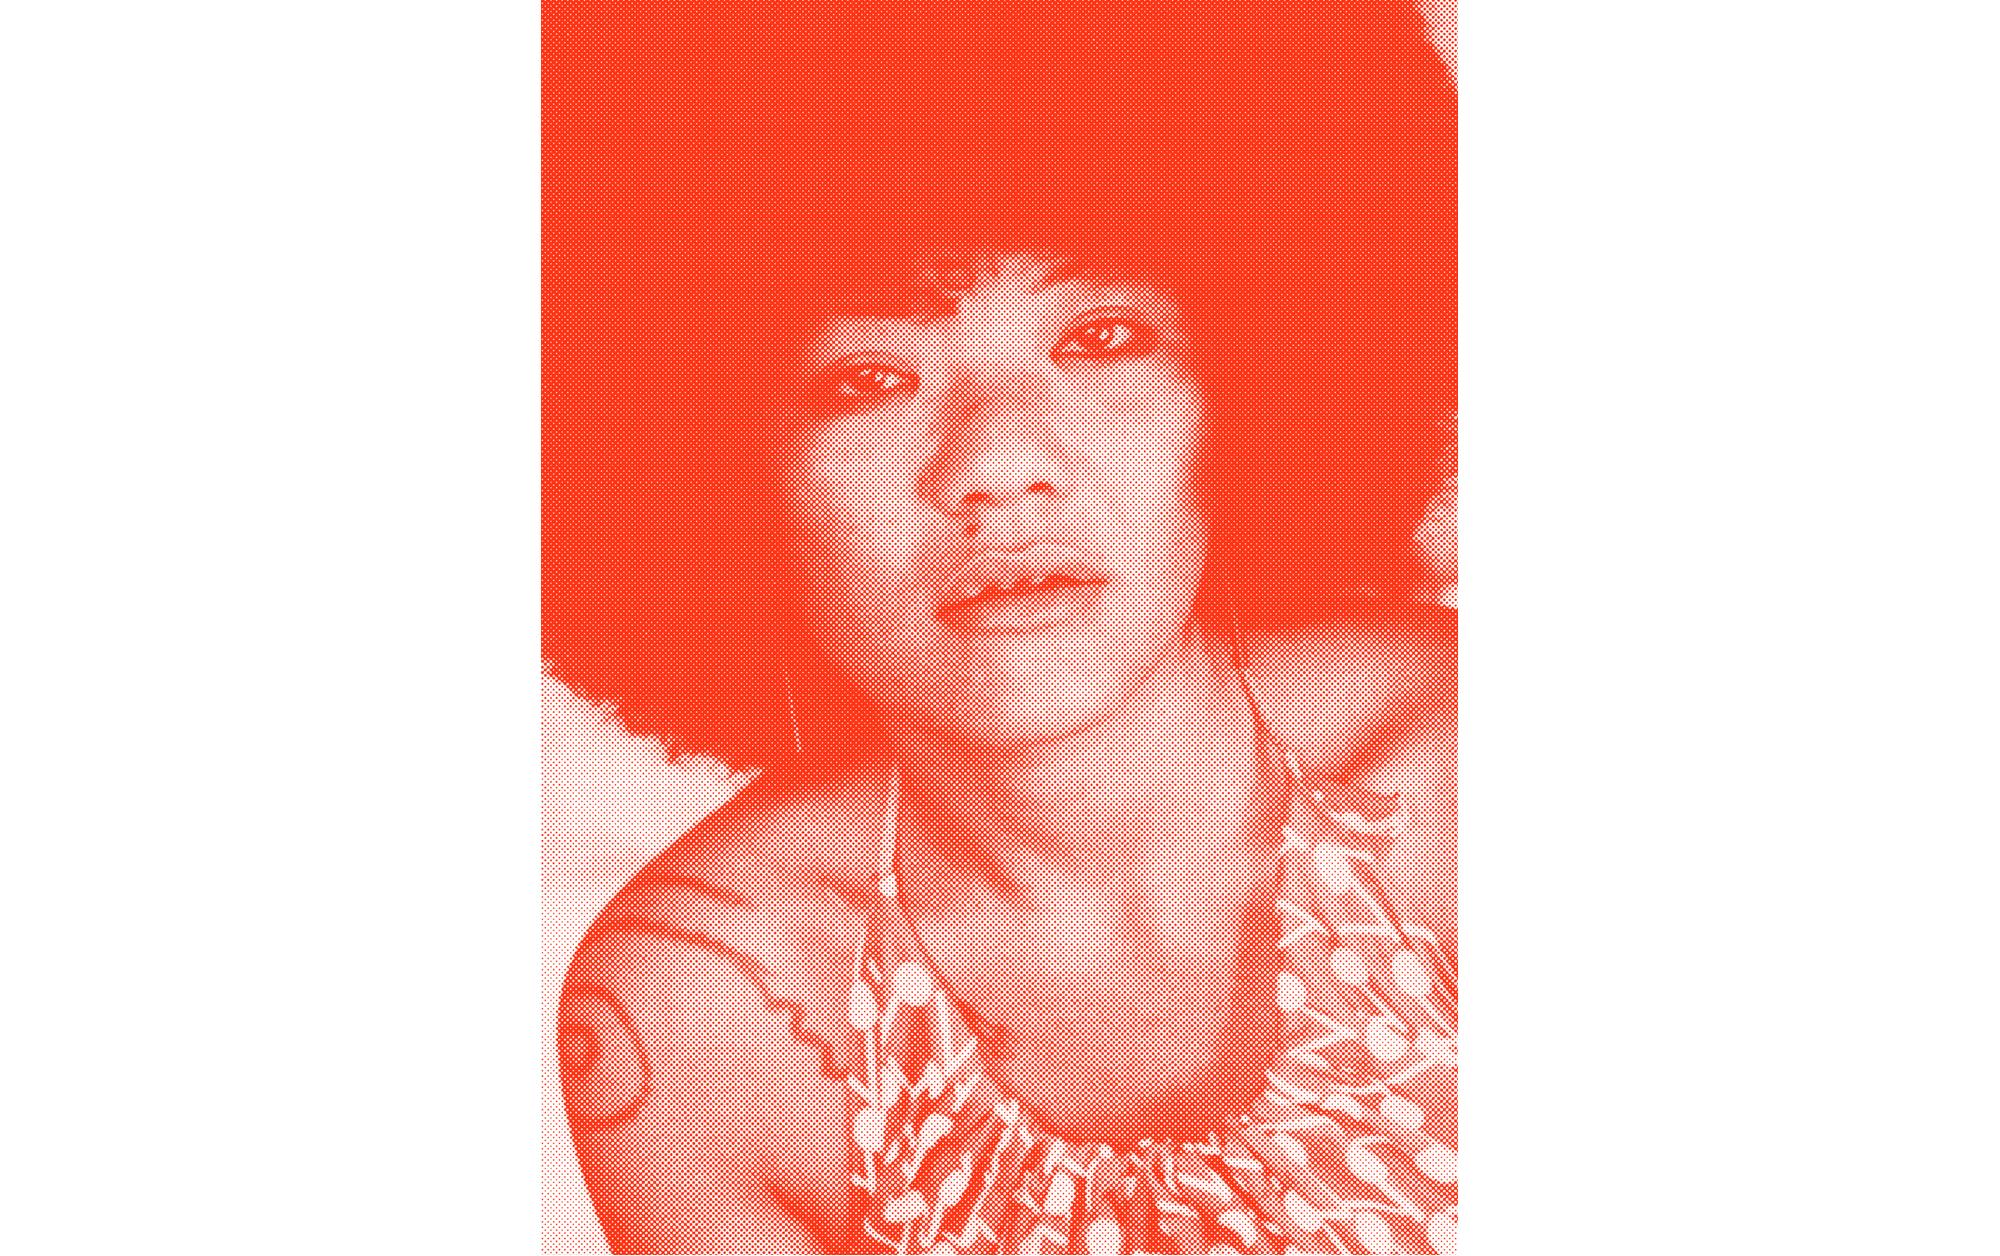 赤花 アカバナー、沖縄の女